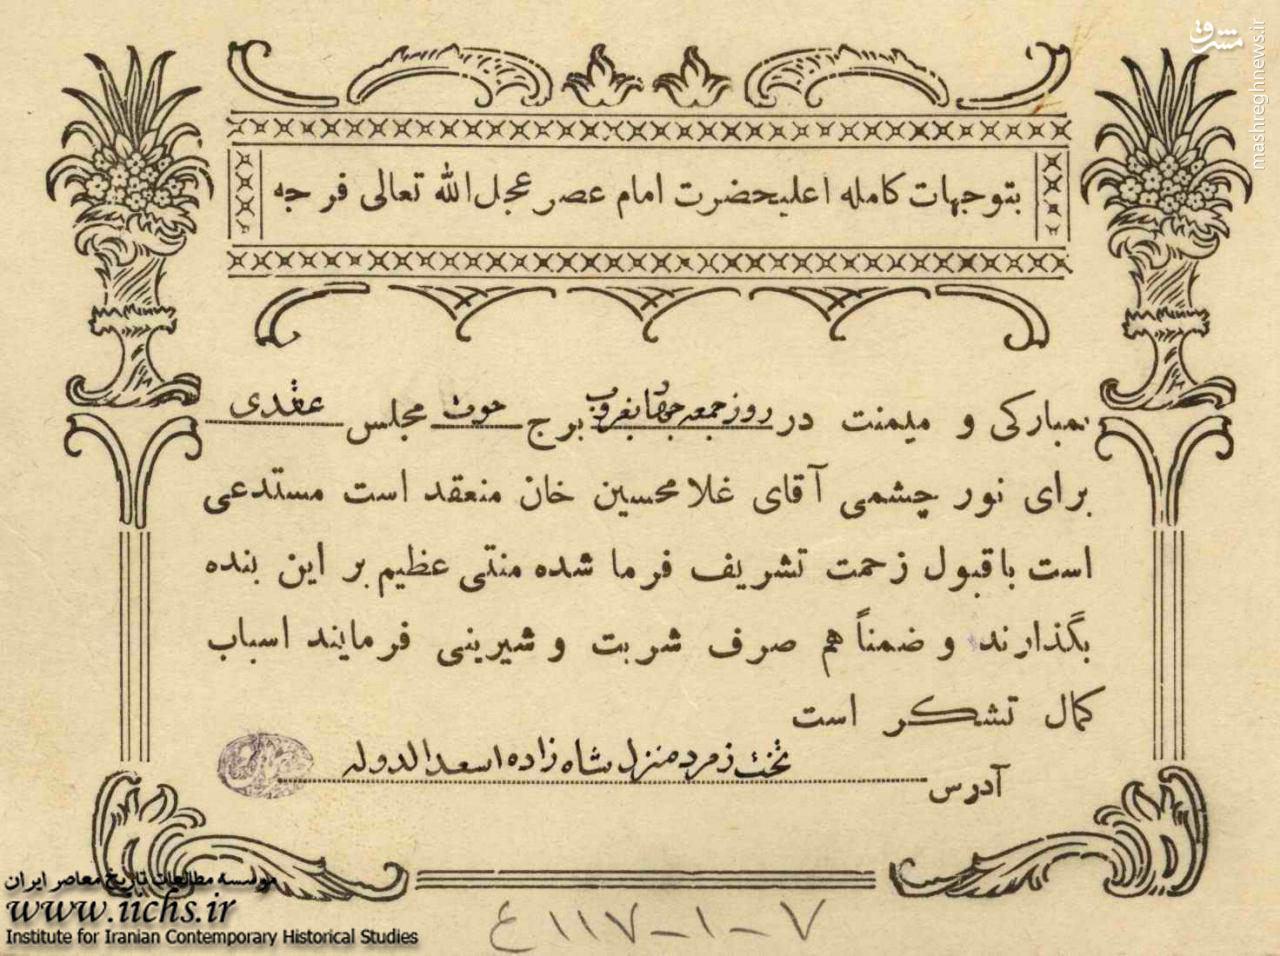 عکس/ كارت دعوت به عروسی در زمان قاجار